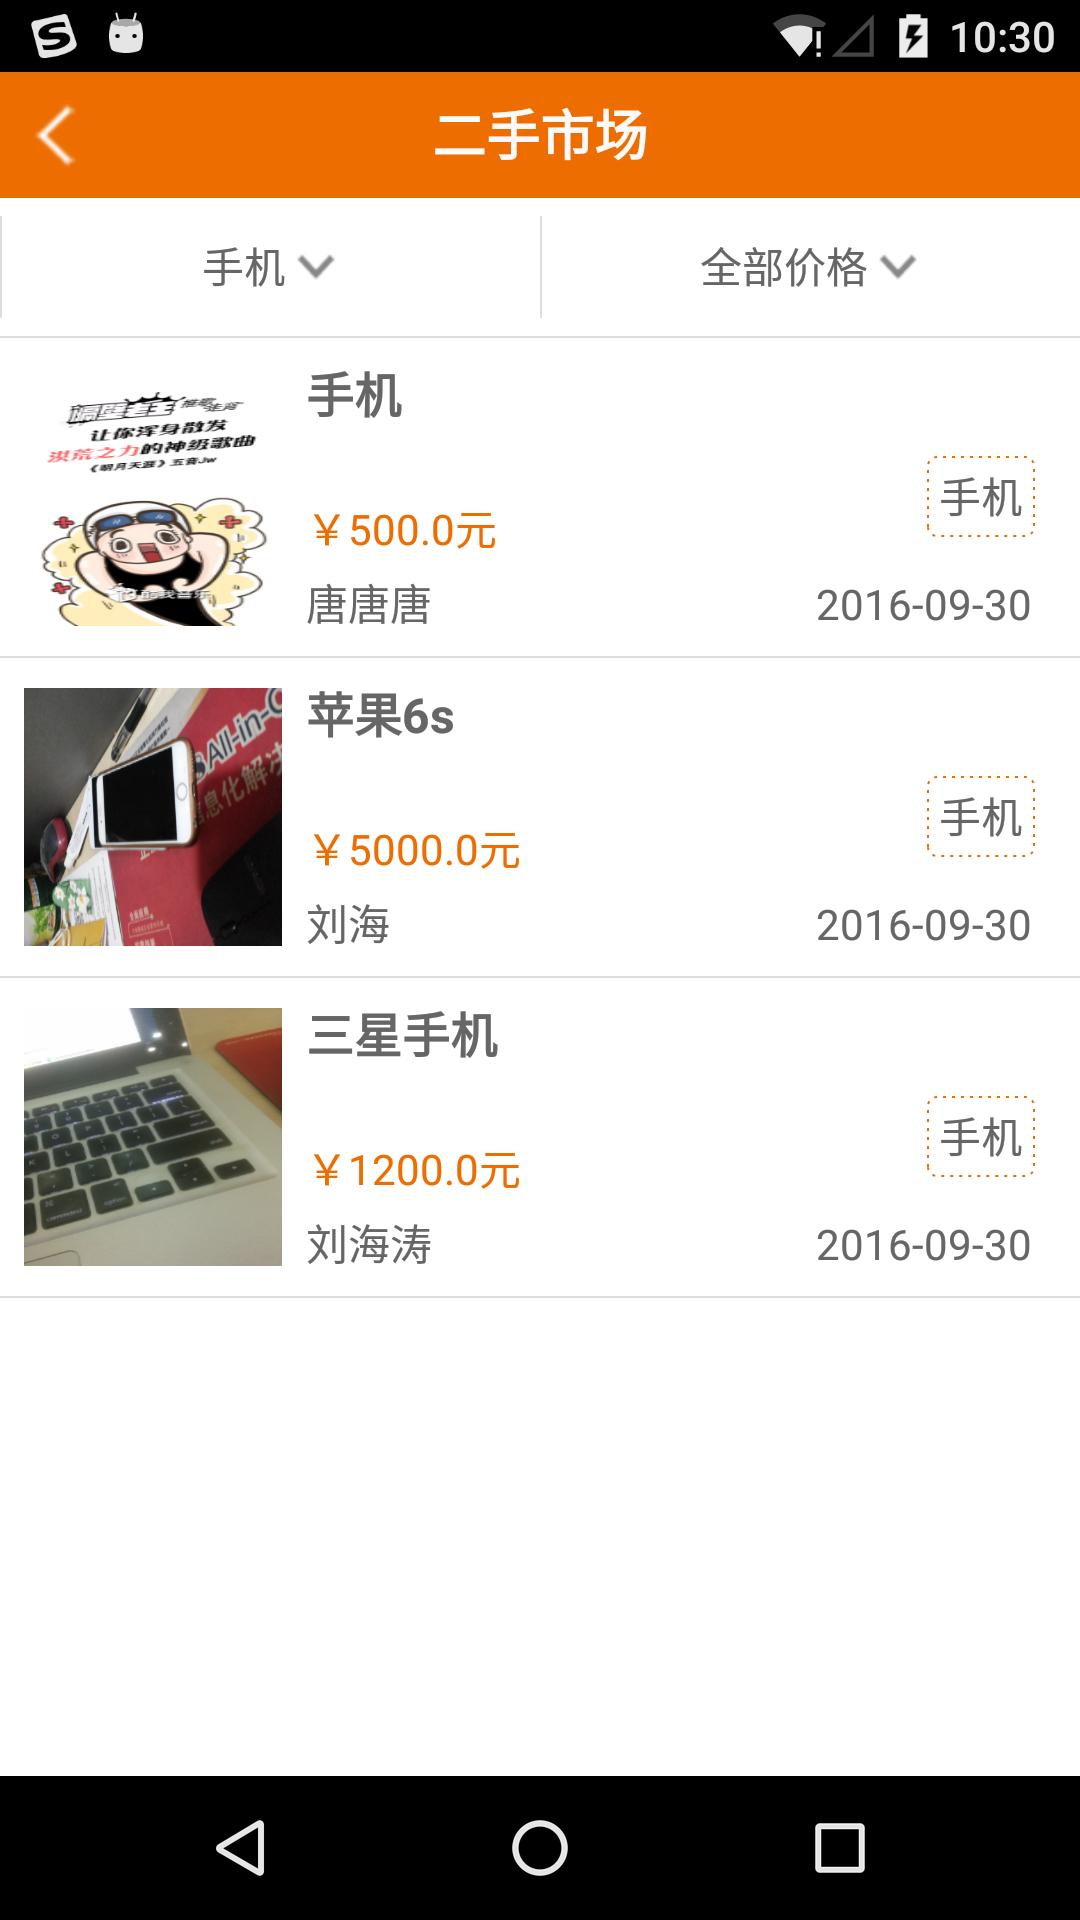 暴雨骄阳手机在线 暴雨骄阳 粤语未删减版